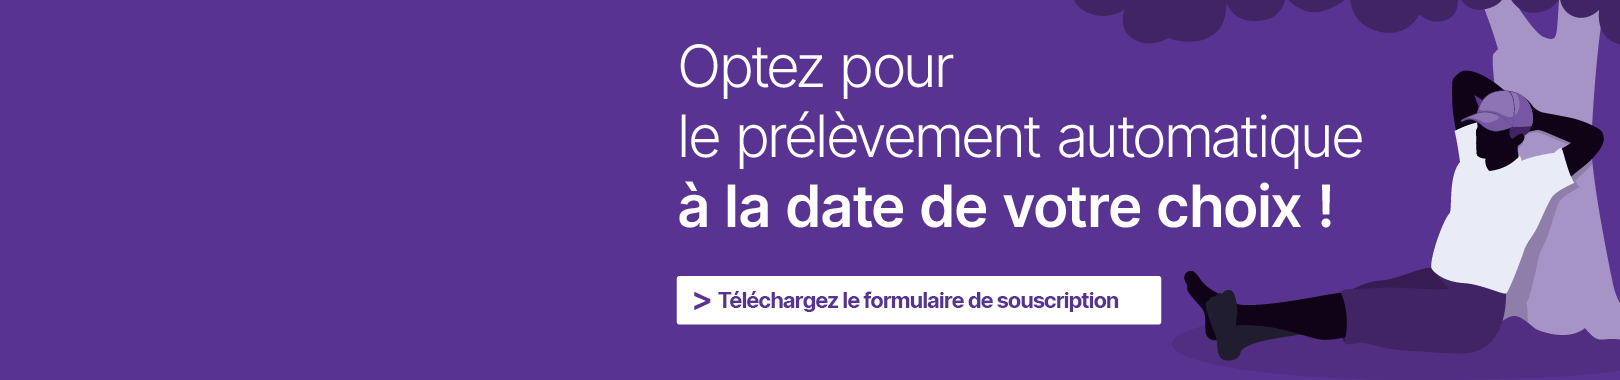 Prélèvement automatique multi-dates